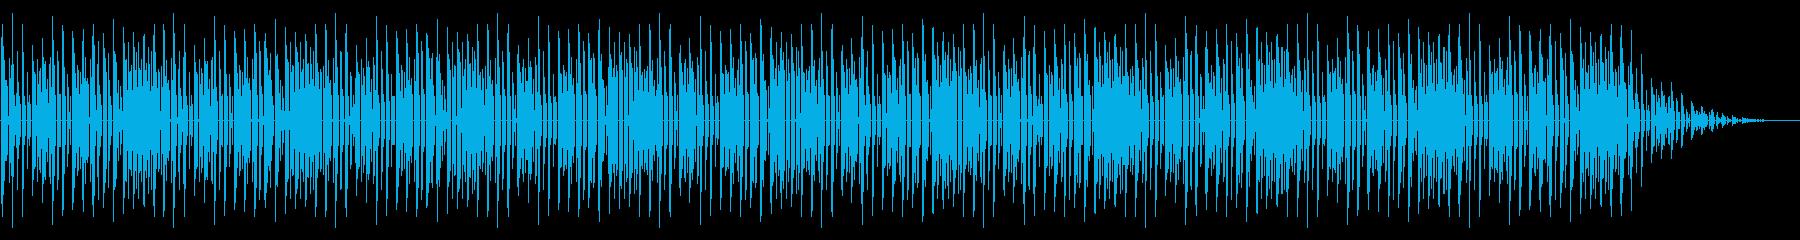 GB風パズル・カードゲームのステージ曲の再生済みの波形